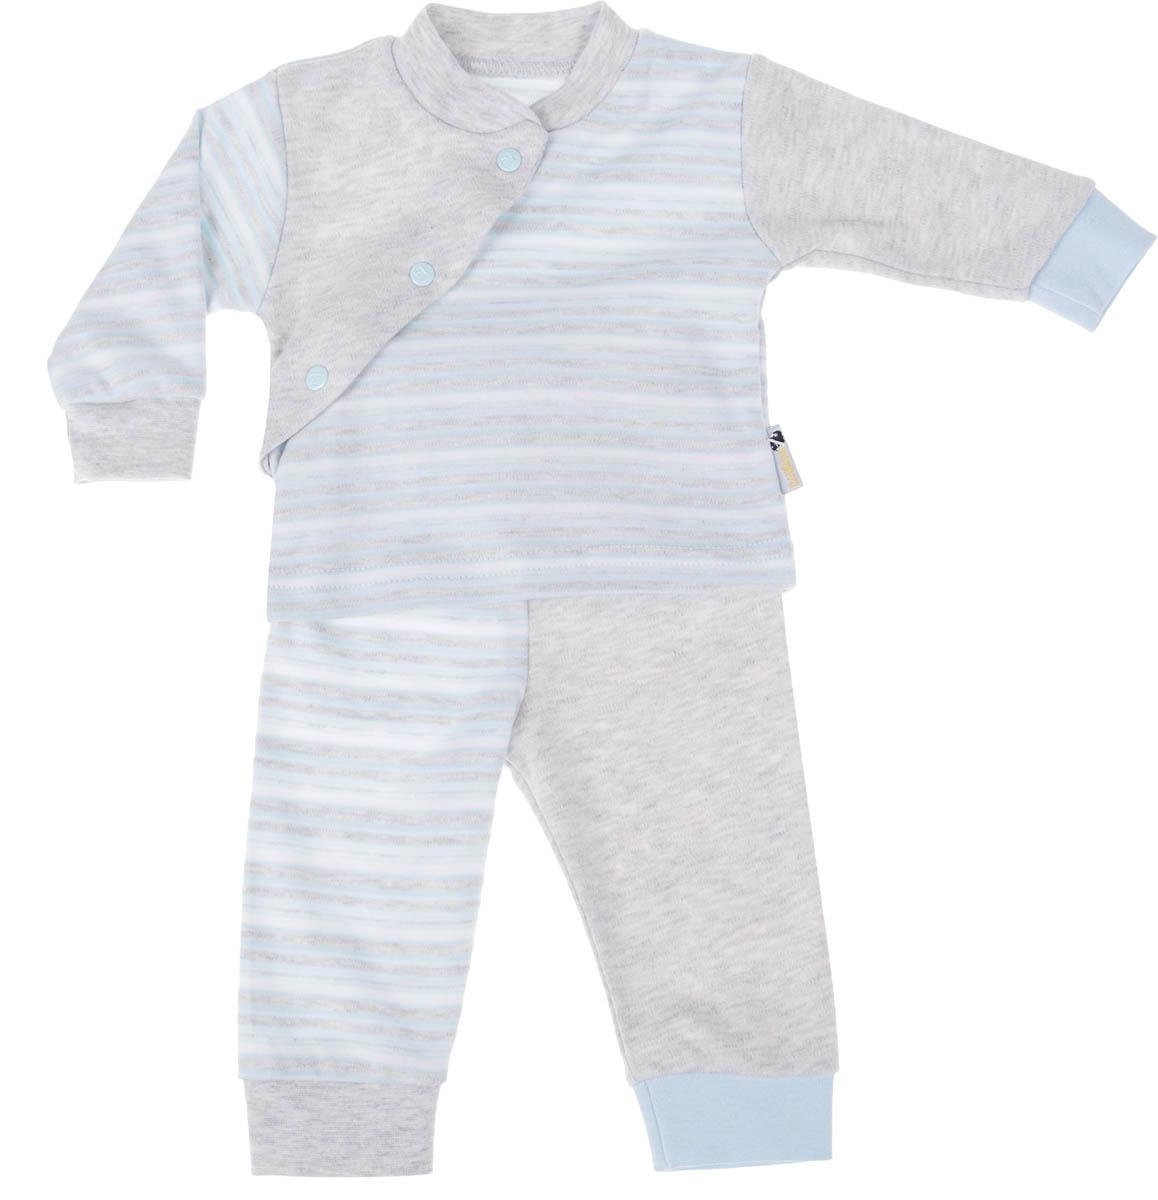 Комплект детский Клякса: кофточка, брюки, цвет: голубой, светло-серый, белый. 39К-5222. Размер 6239К-5222Детский комплект Клякса состоит из кофточки и штанишек. Комплект изготовлен из качественного натурального хлопка. Кофта с длинными рукавами и воротником-стойкой застегивается спереди на три кнопки. Штанишки имеют широкую эластичную резинку на поясе и широкие манжеты.